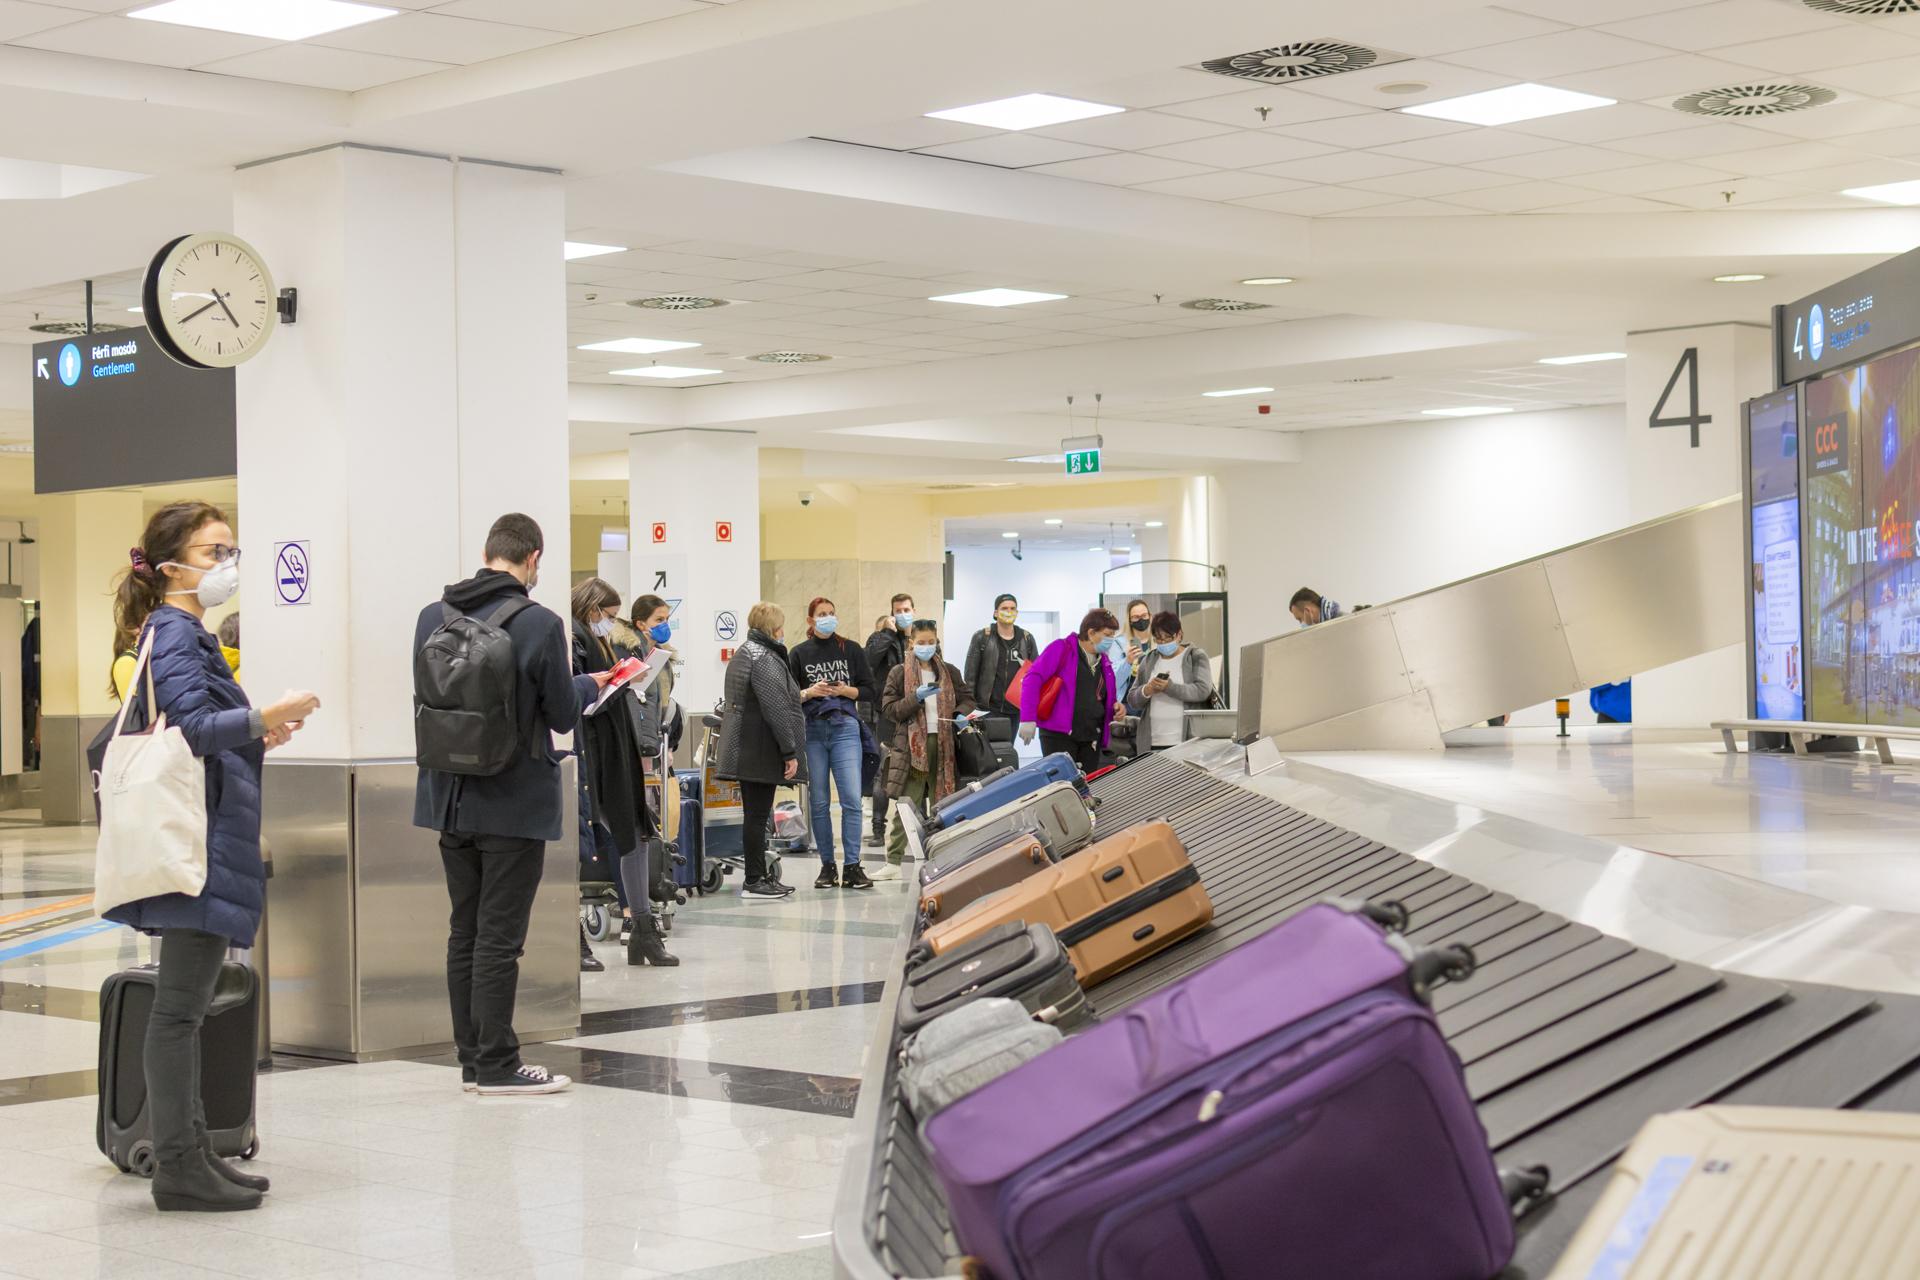 Május elejétől lassanként visszatér az élet a Liszt Ferenc repülőtérre: egyre több légitársaság indítja újra budapesti járatait (fotó: Budapest Airport)